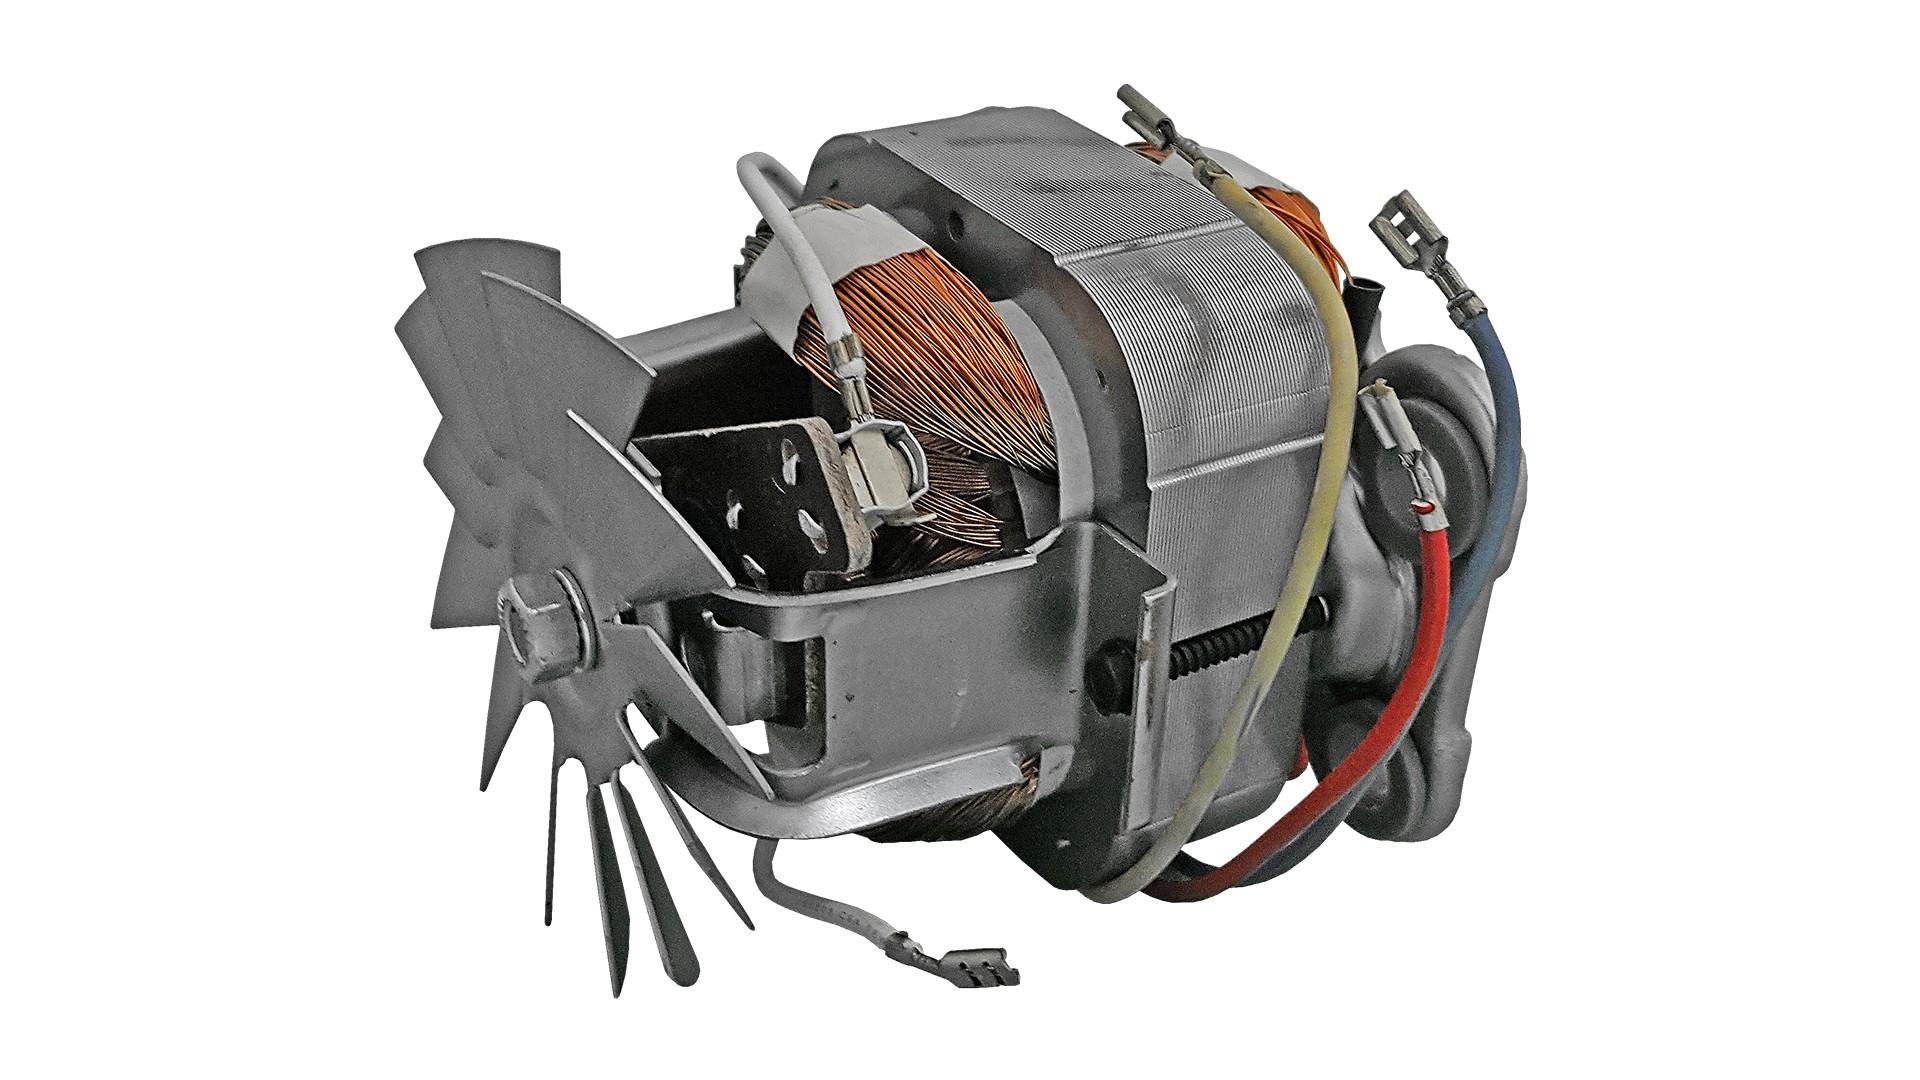 MOTOR LIQUIDIFICADOR OSTER  XPERT BLSTVB-P00 220V